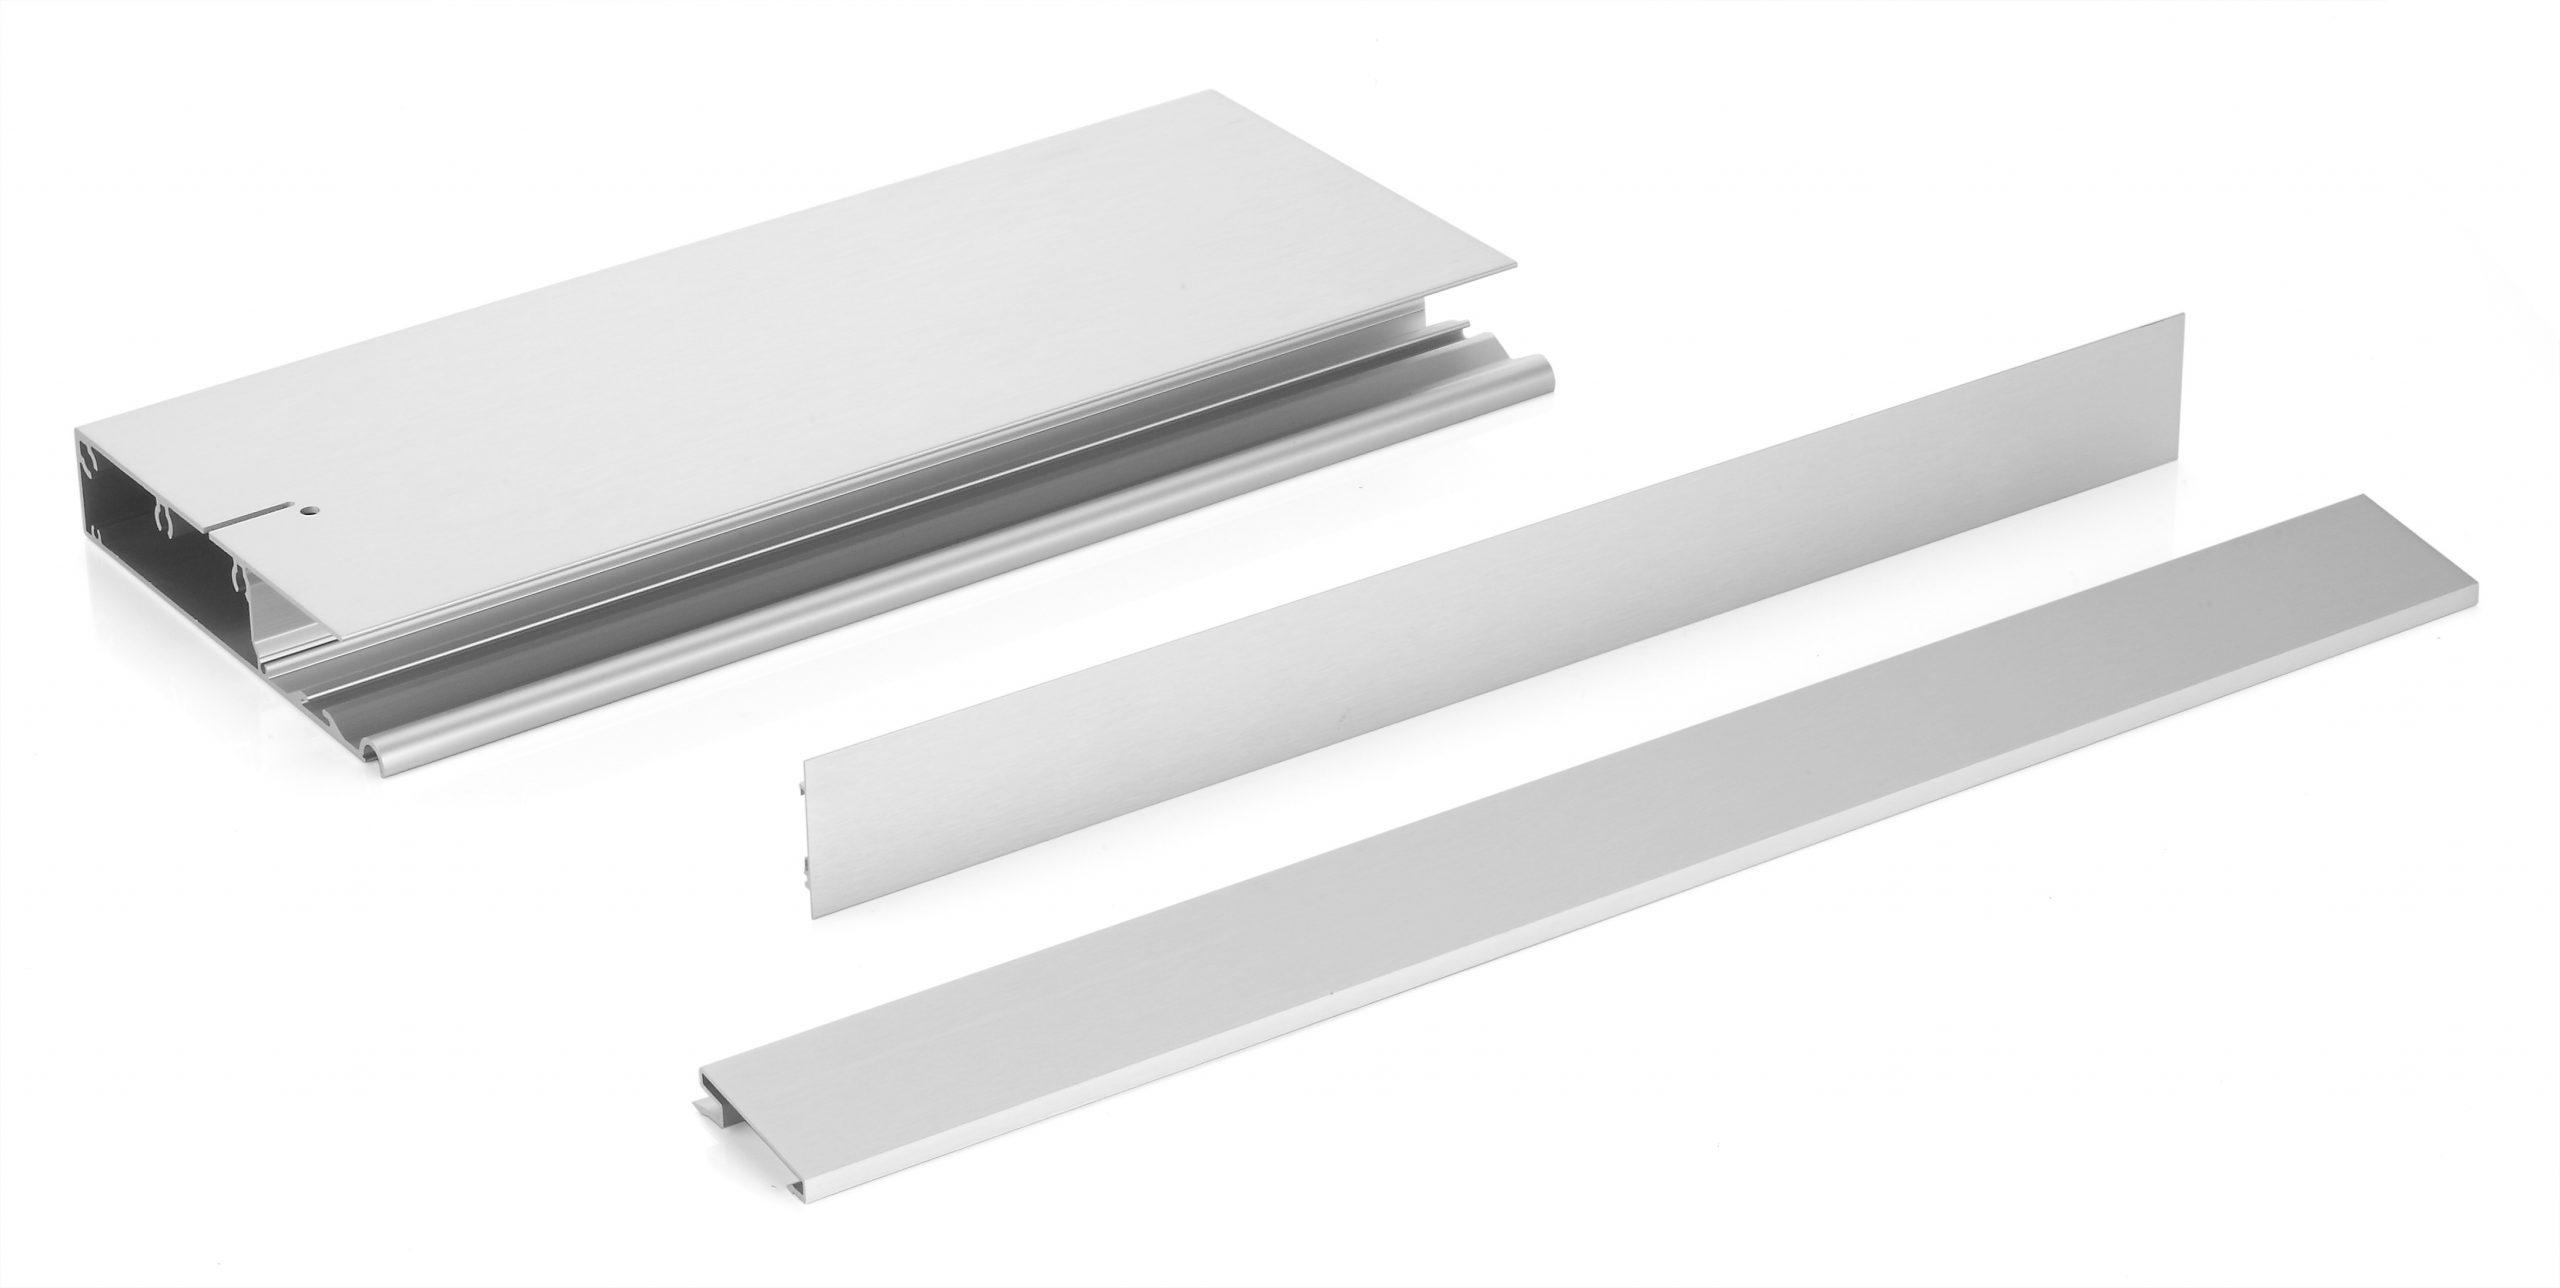 Extruded Aluminium Refrigerator Trim